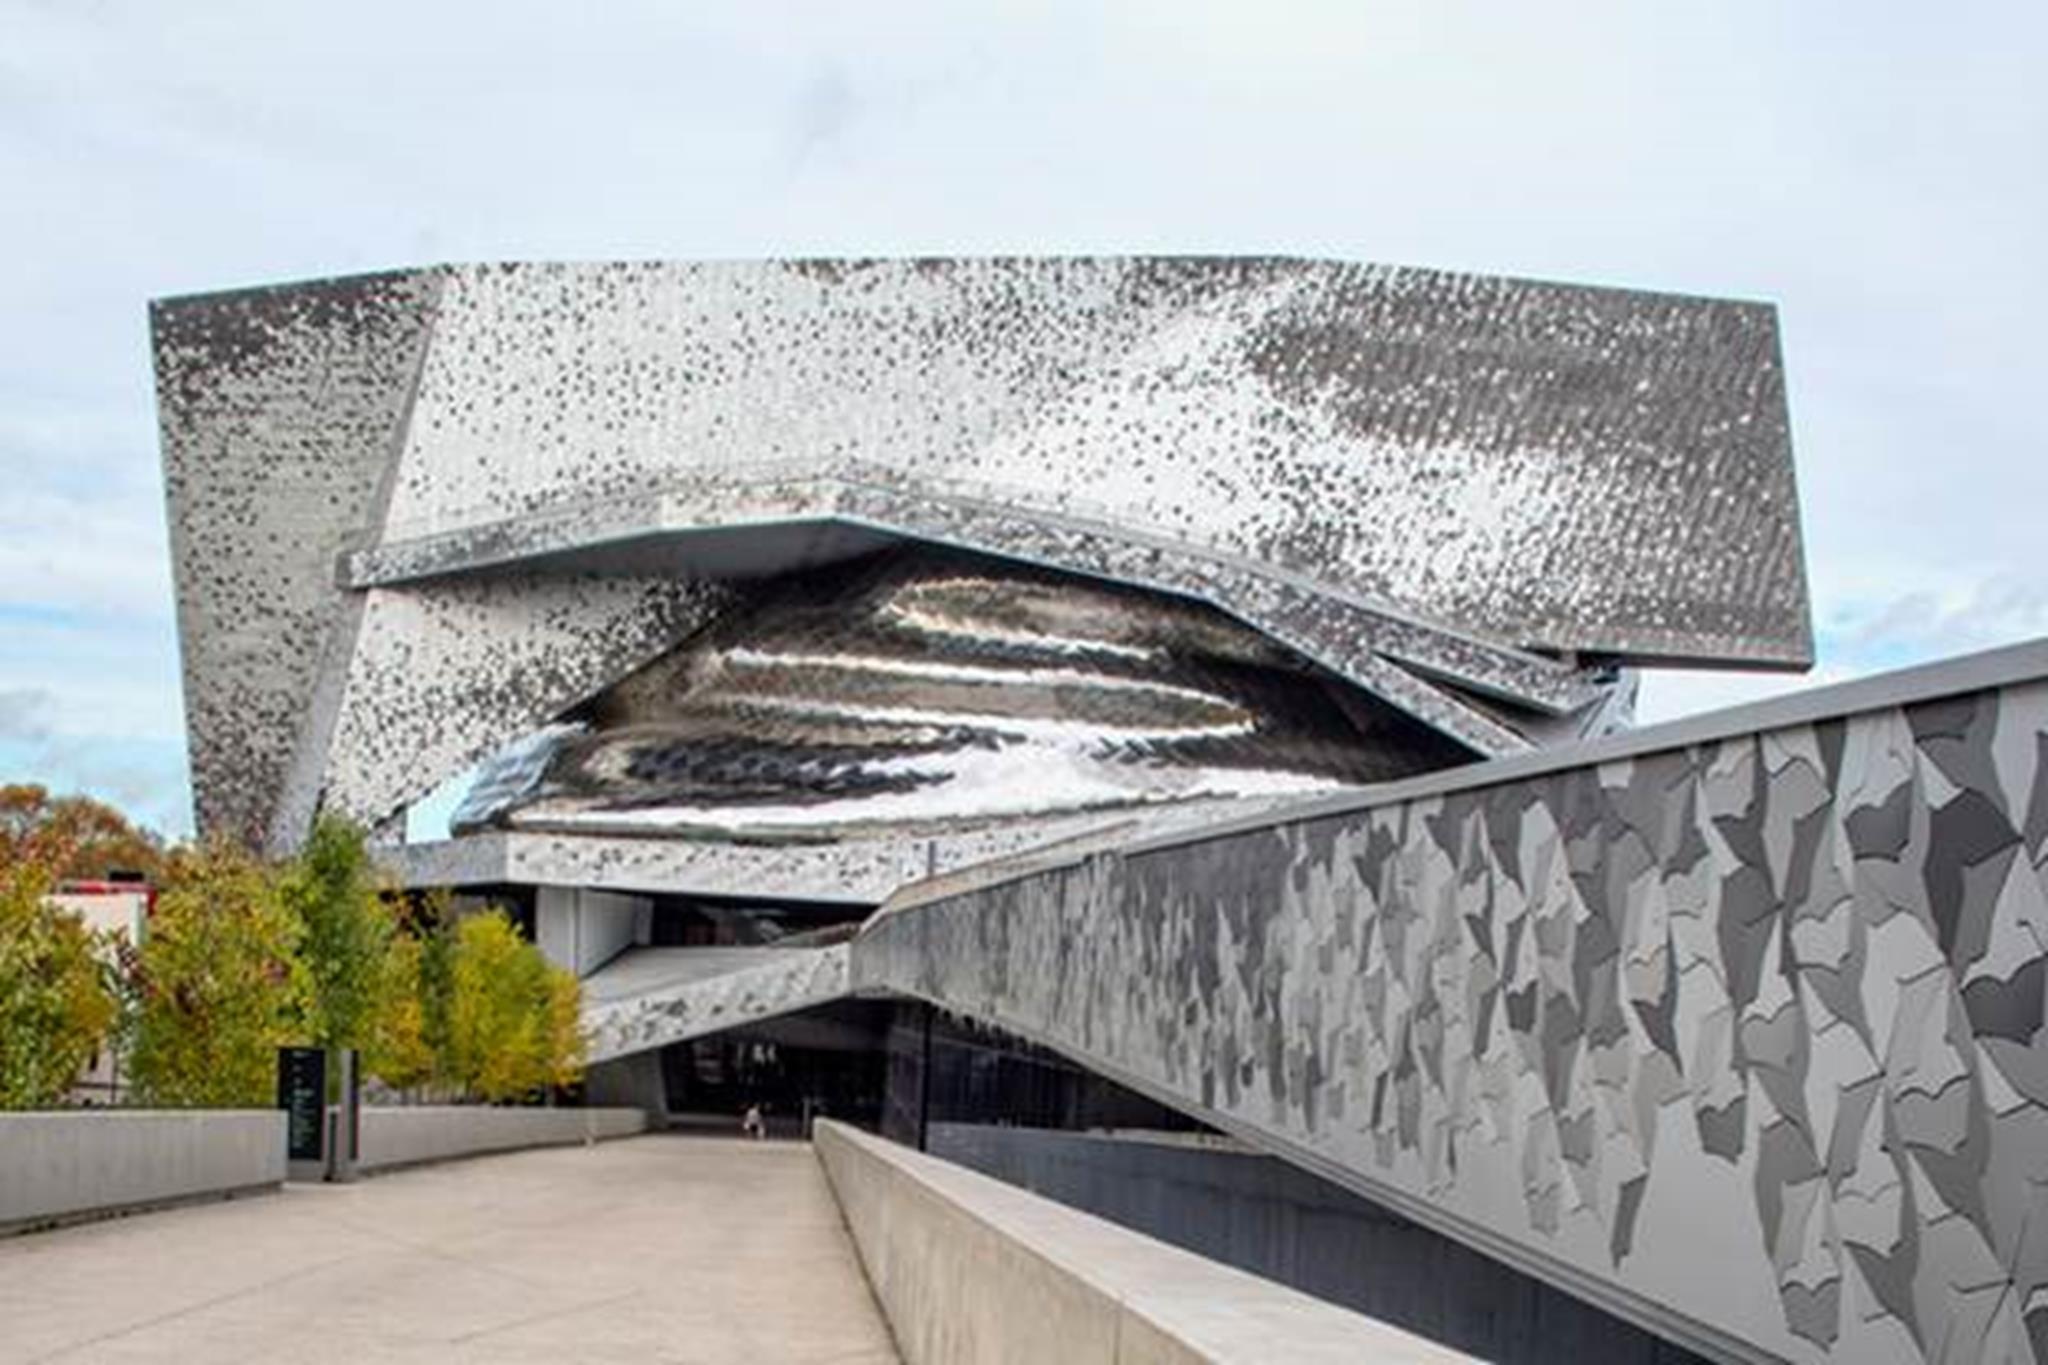 Cấu trúc bao gồm một phòng hòa nhạc lớn với 2.400 chỗ ngồi.